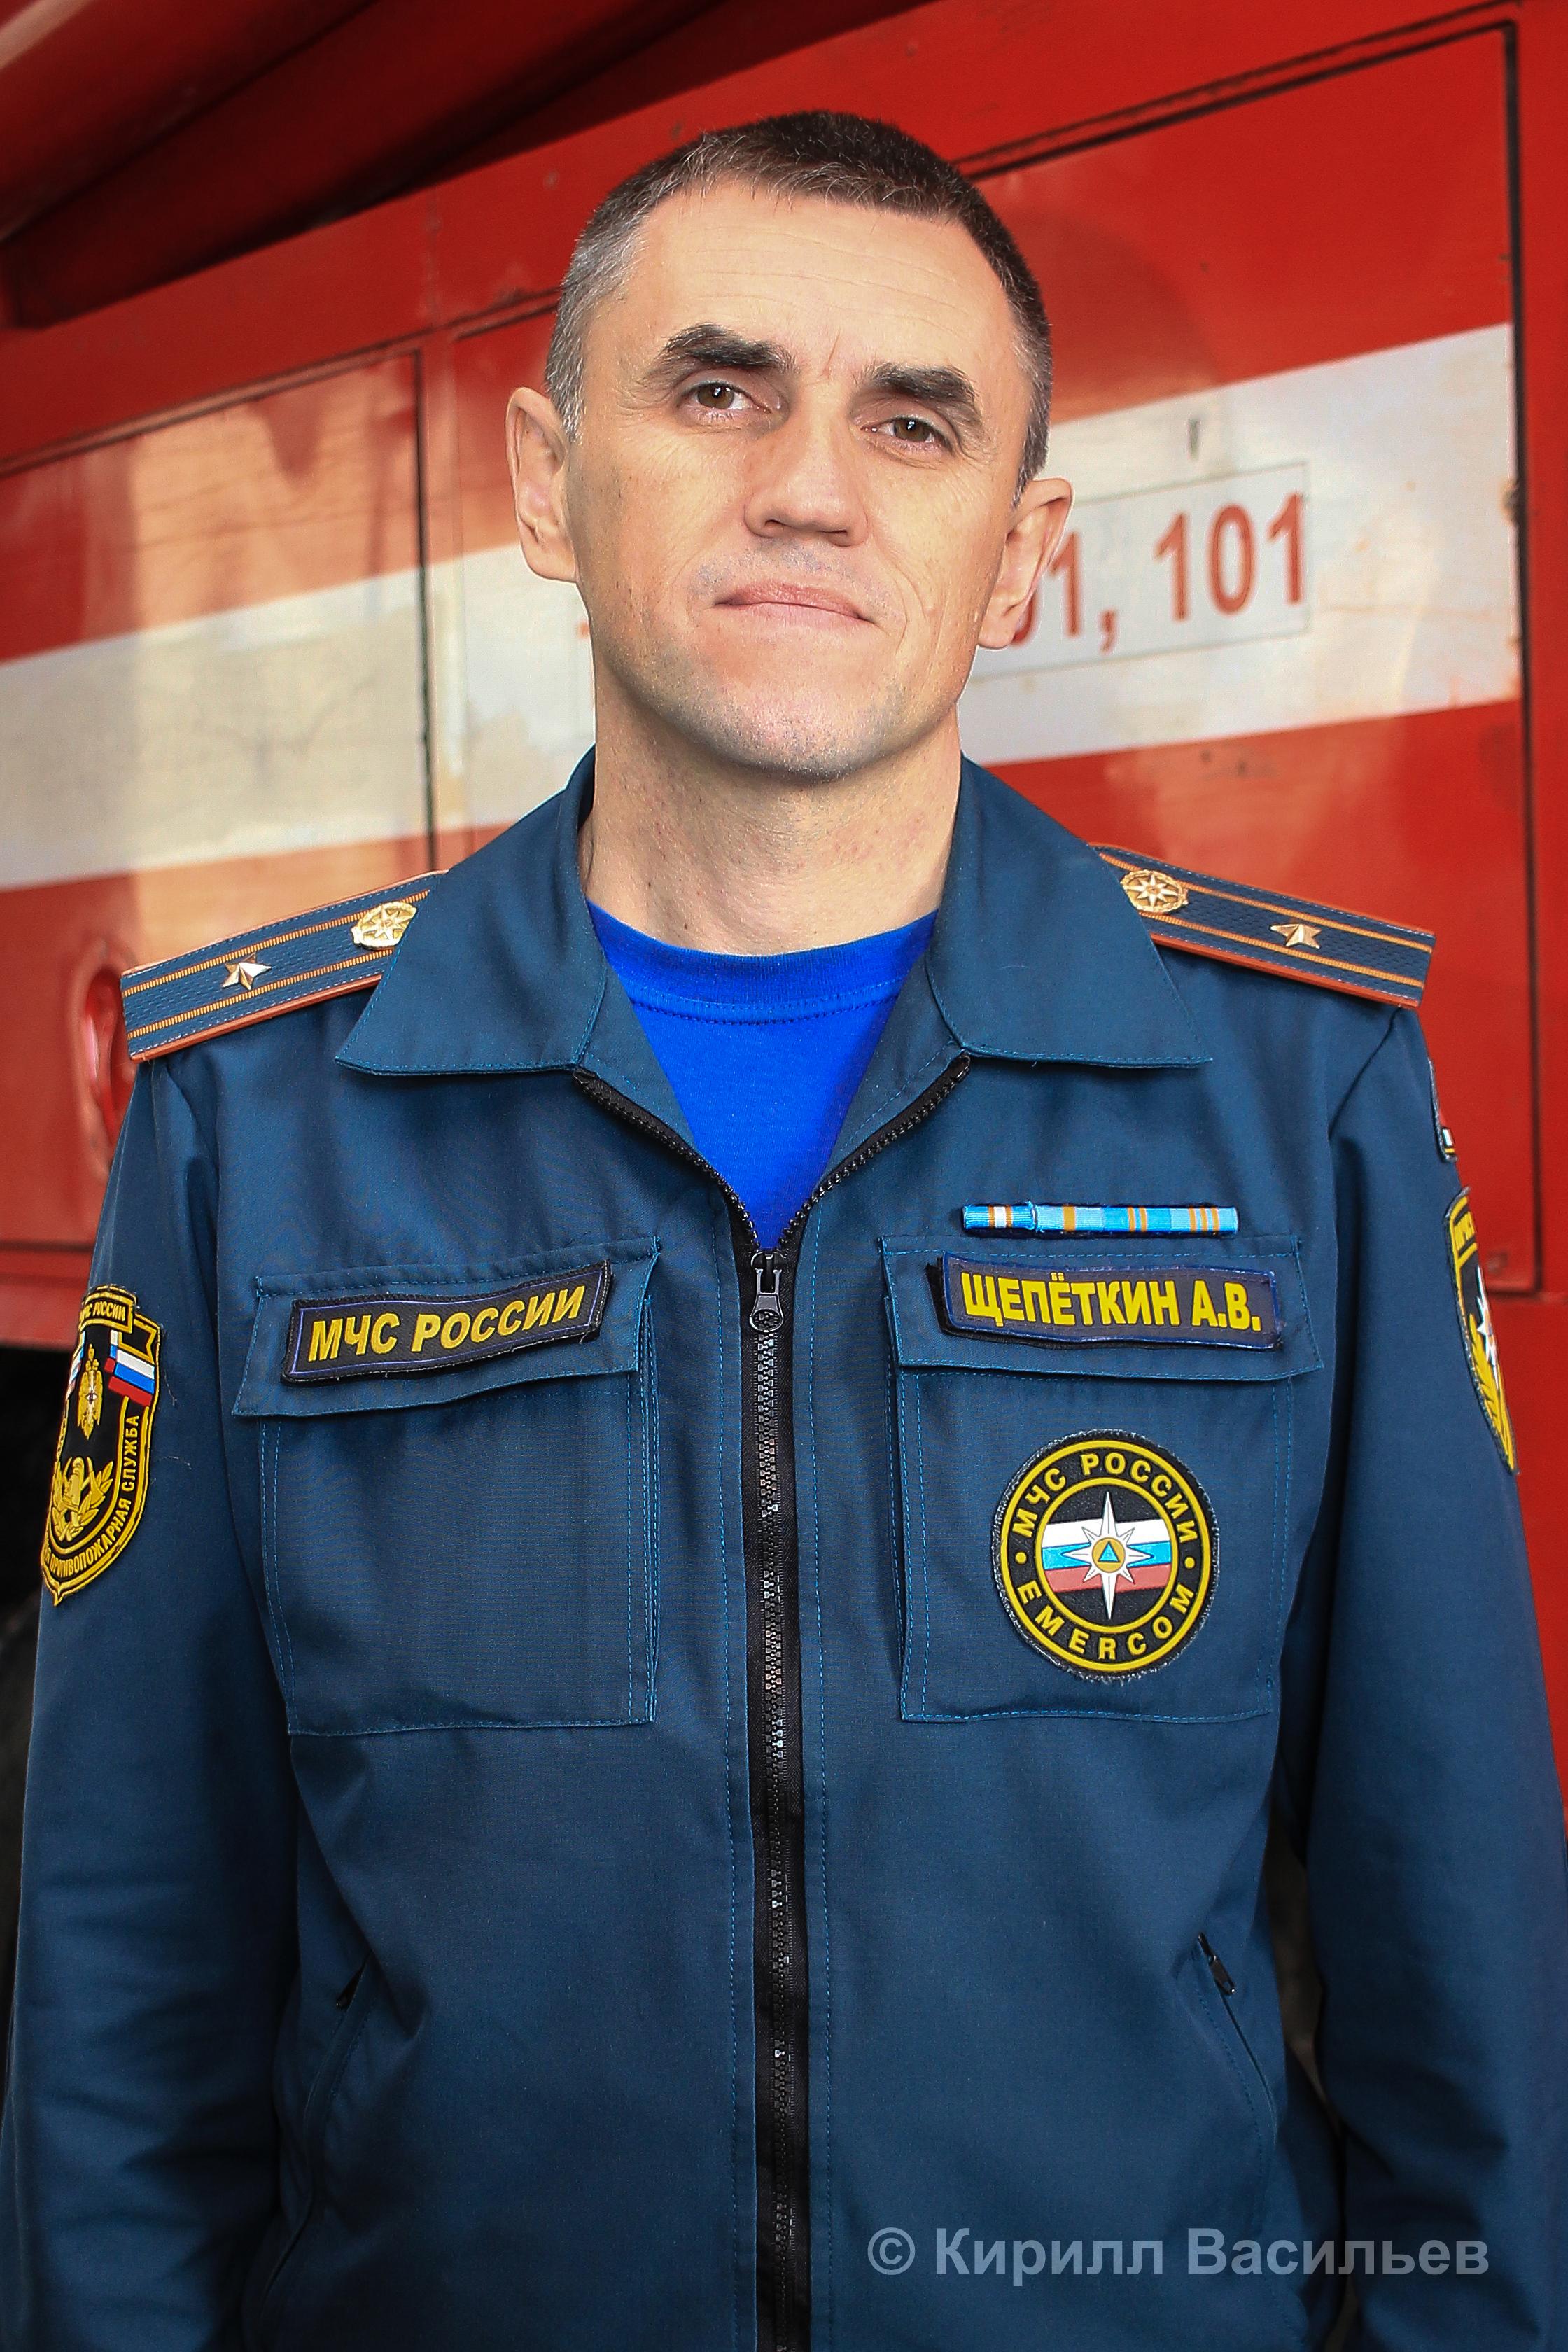 Сегодня День пожарной охраны. Как укомплектована коркинская 37-я пожарно-спасательная часть?